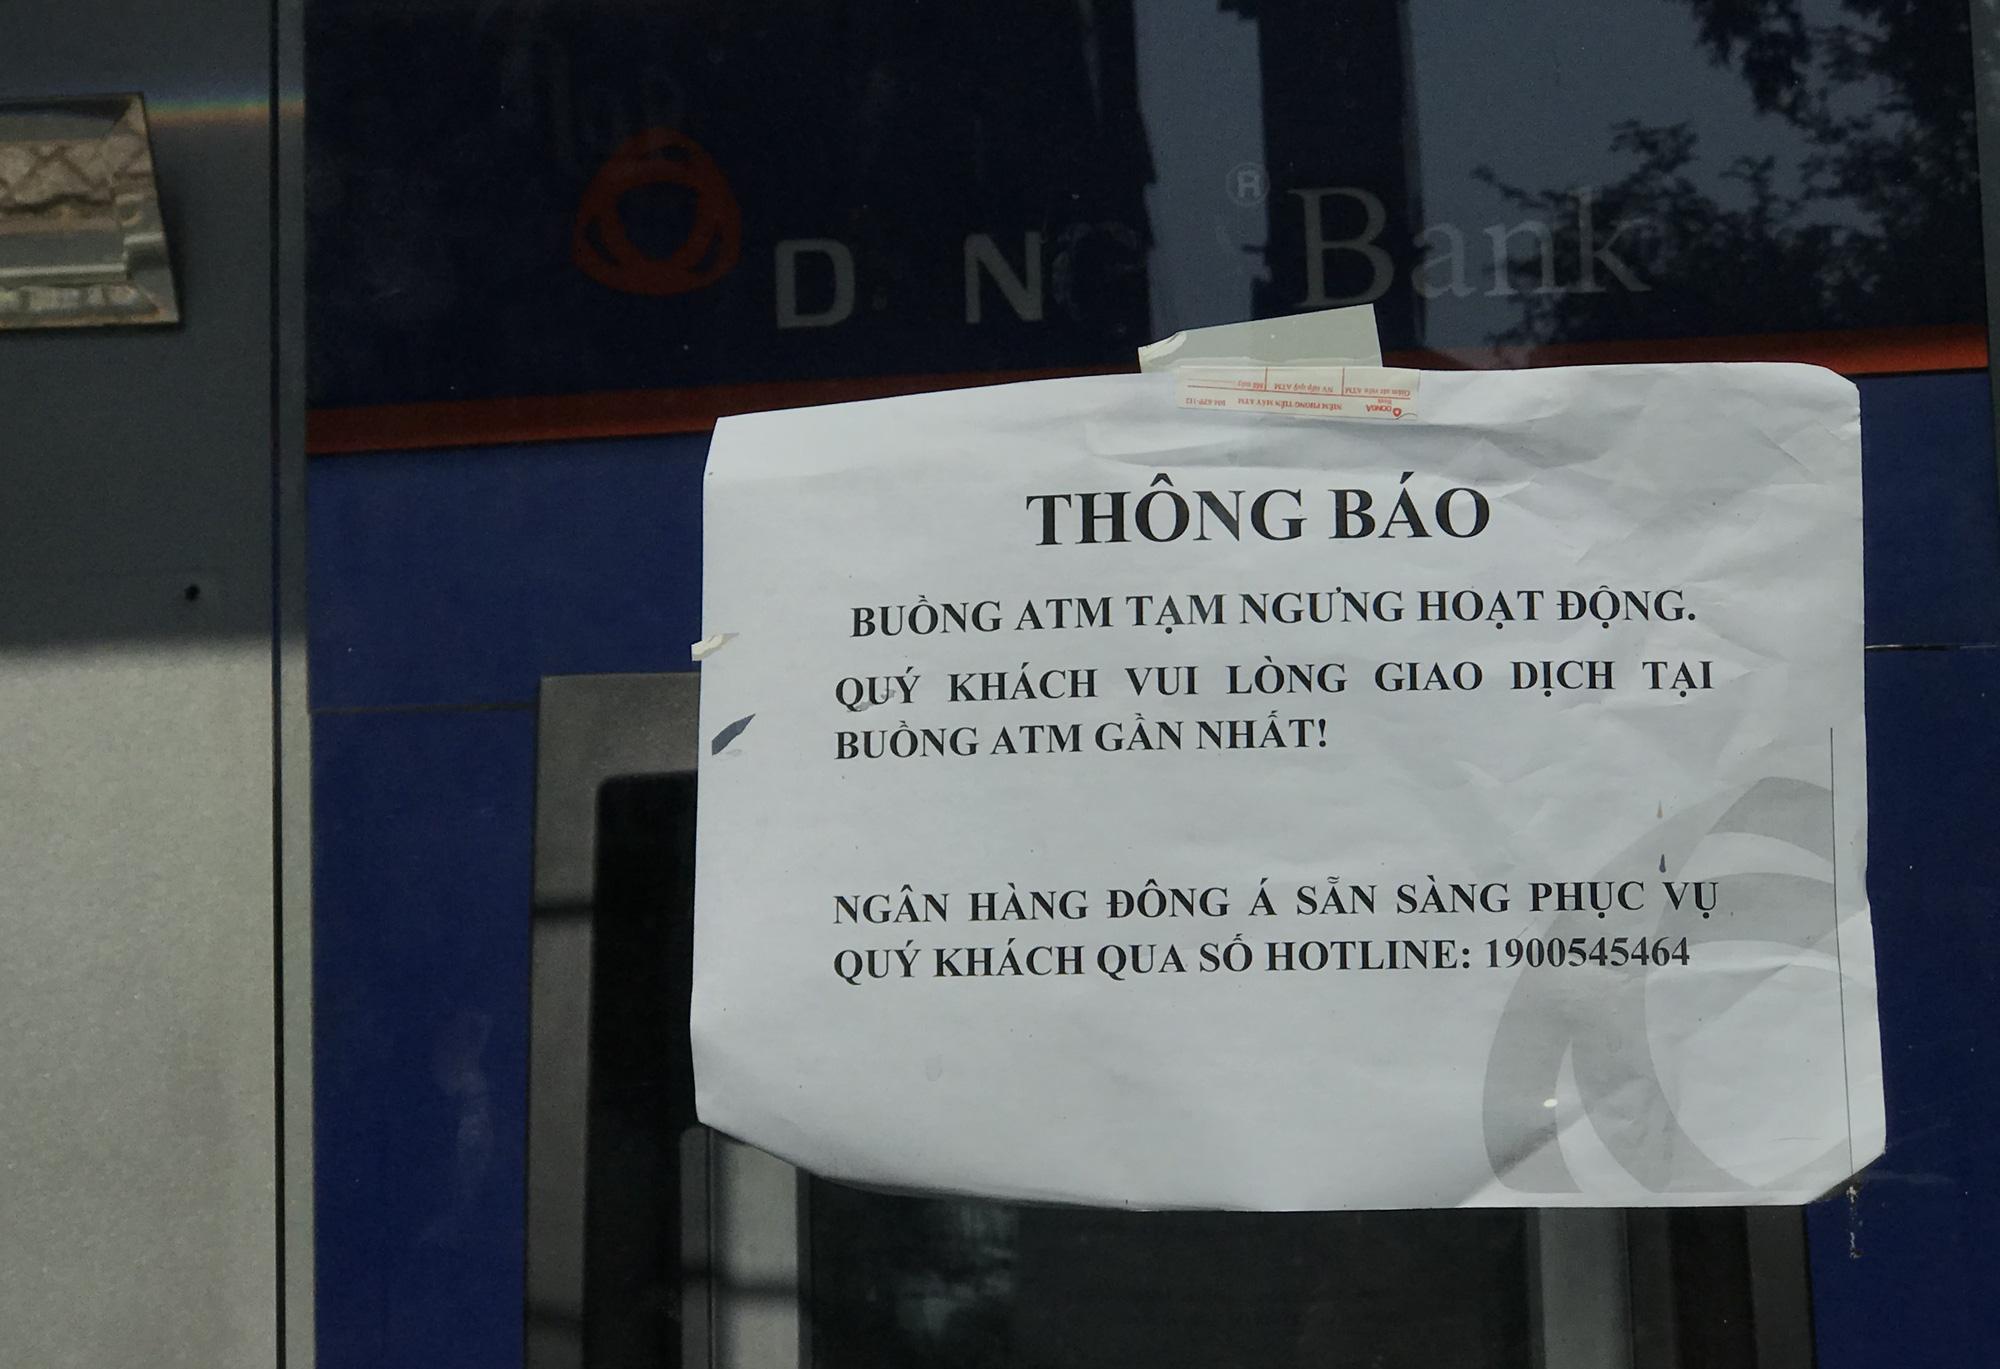 Ngày cuối cùng làm việc trước khi nghỉ Tết, ATM tại Sài Gòn vẫn hết tiền, giao dịch trên ngân hàng điện tử cũng kẹt - Ảnh 1.